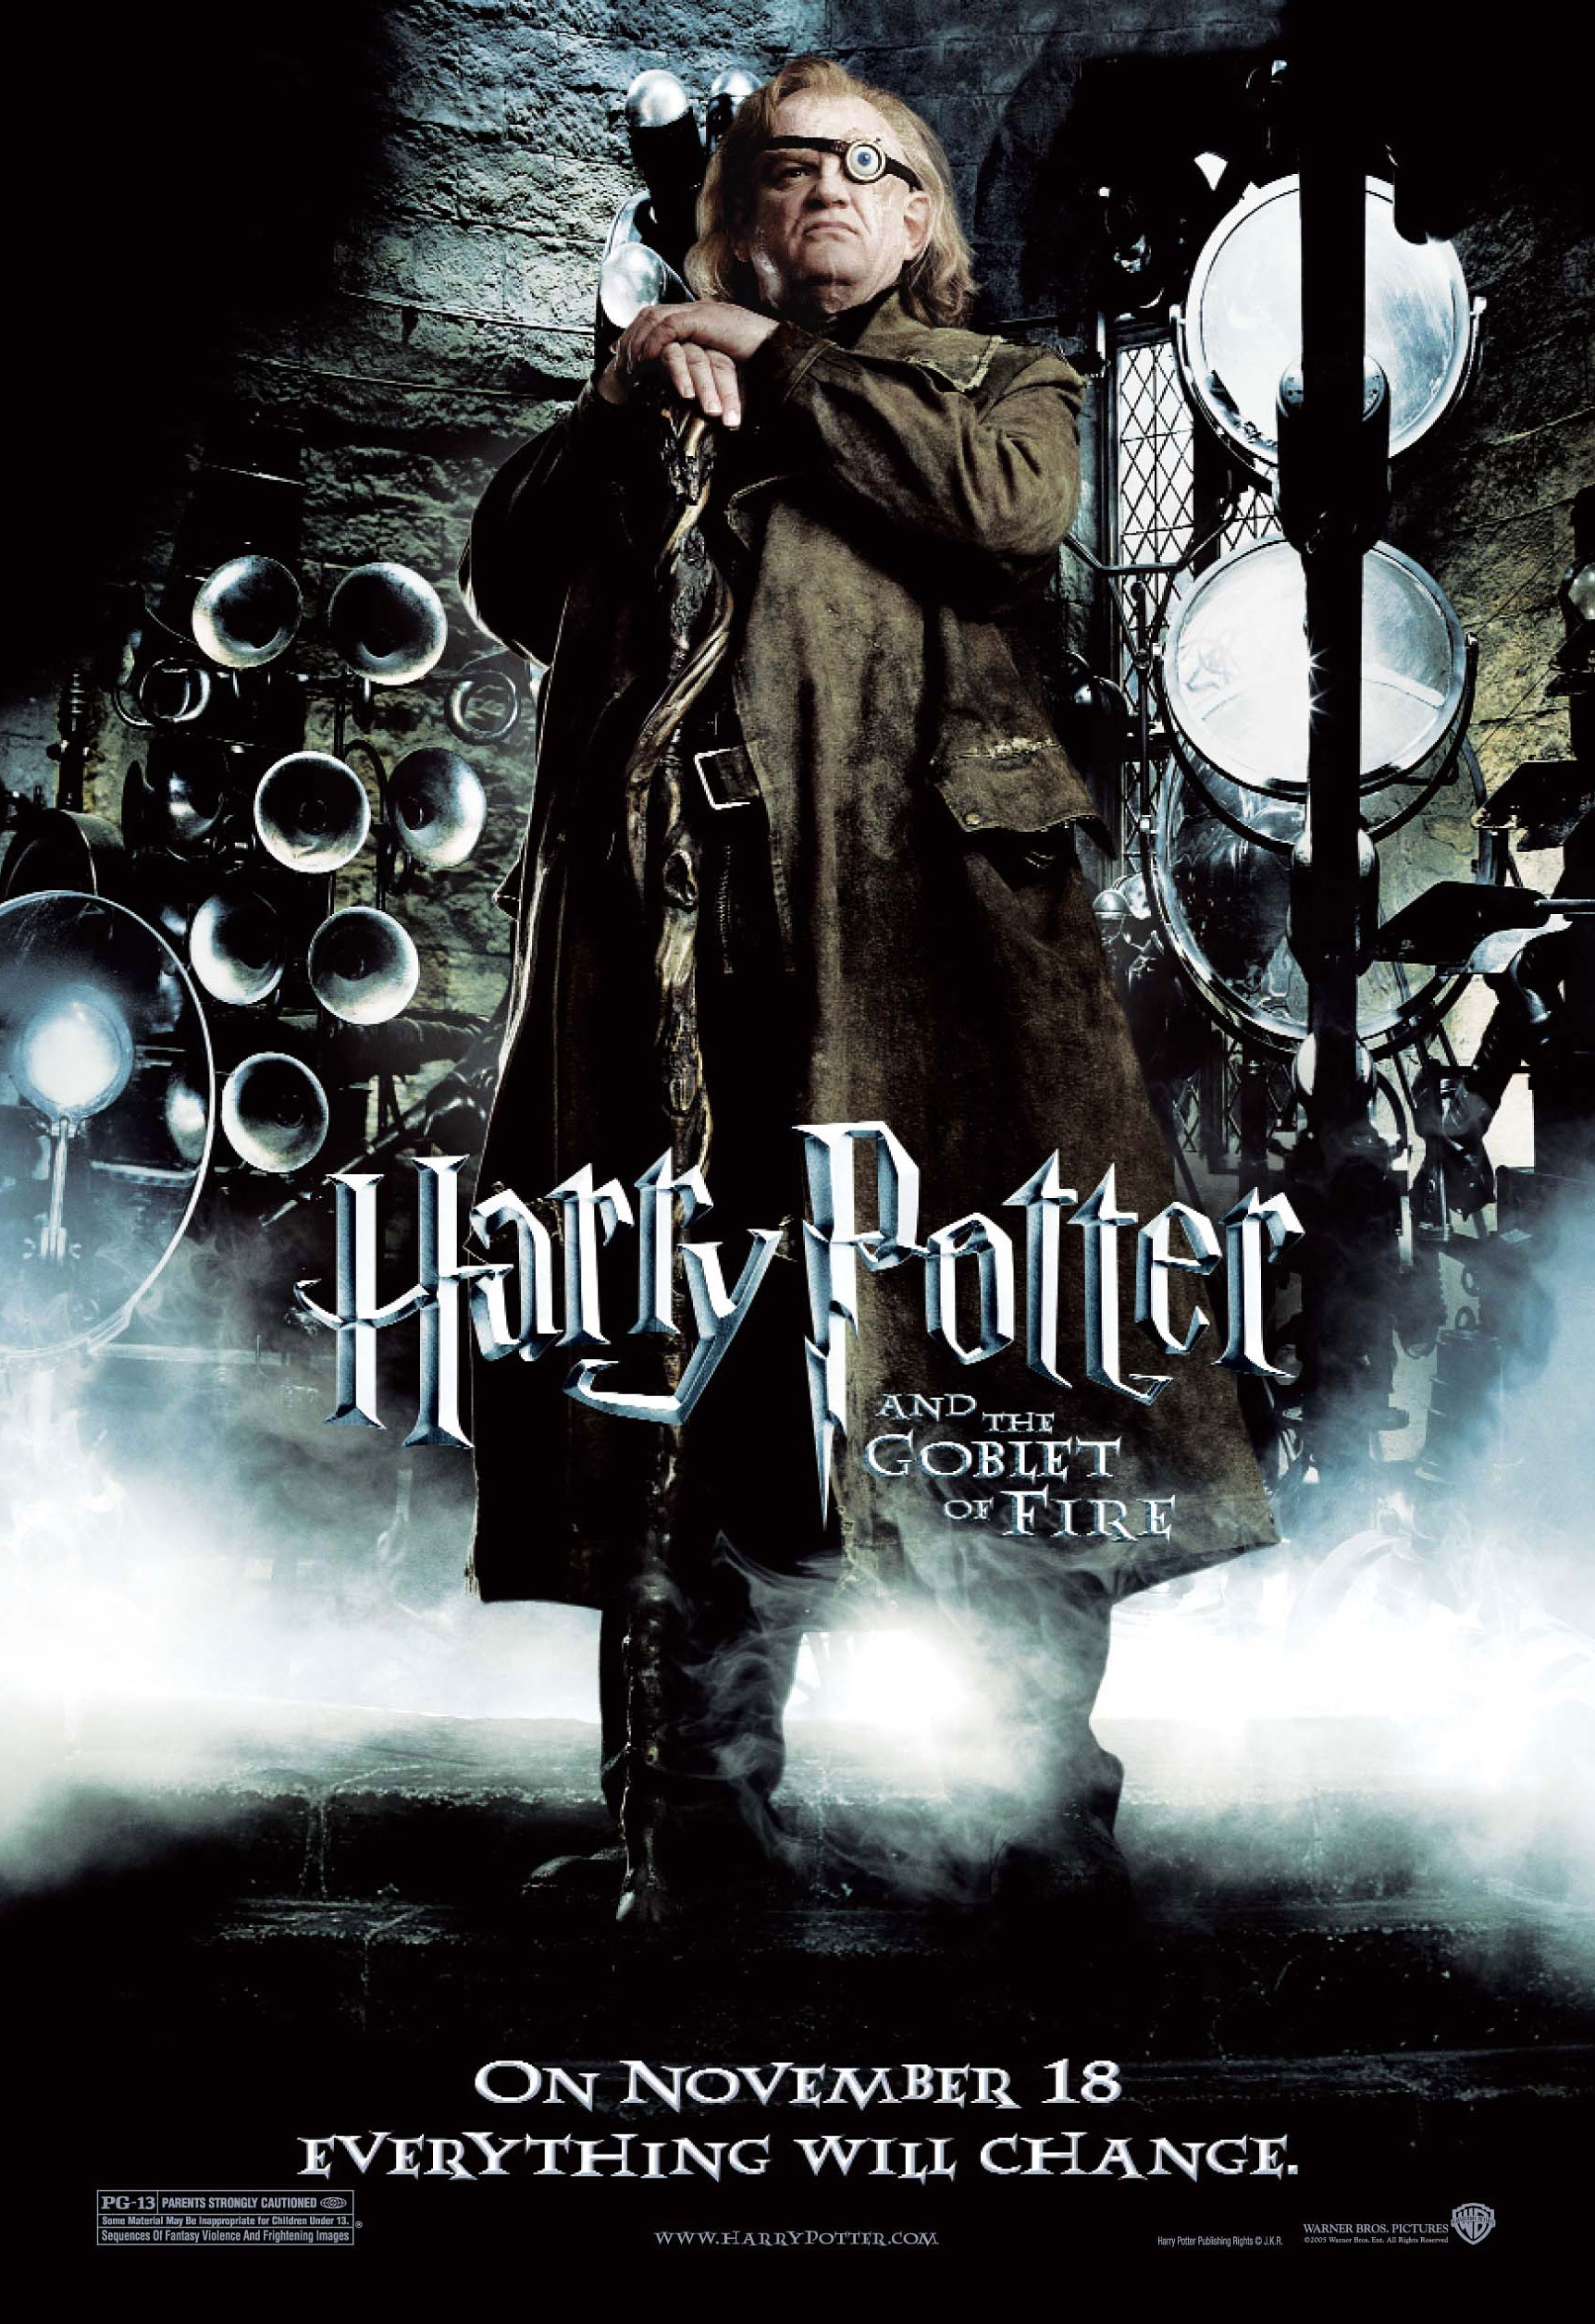 лондон 2005 фильм смотреть онлайн в хорошем качестве